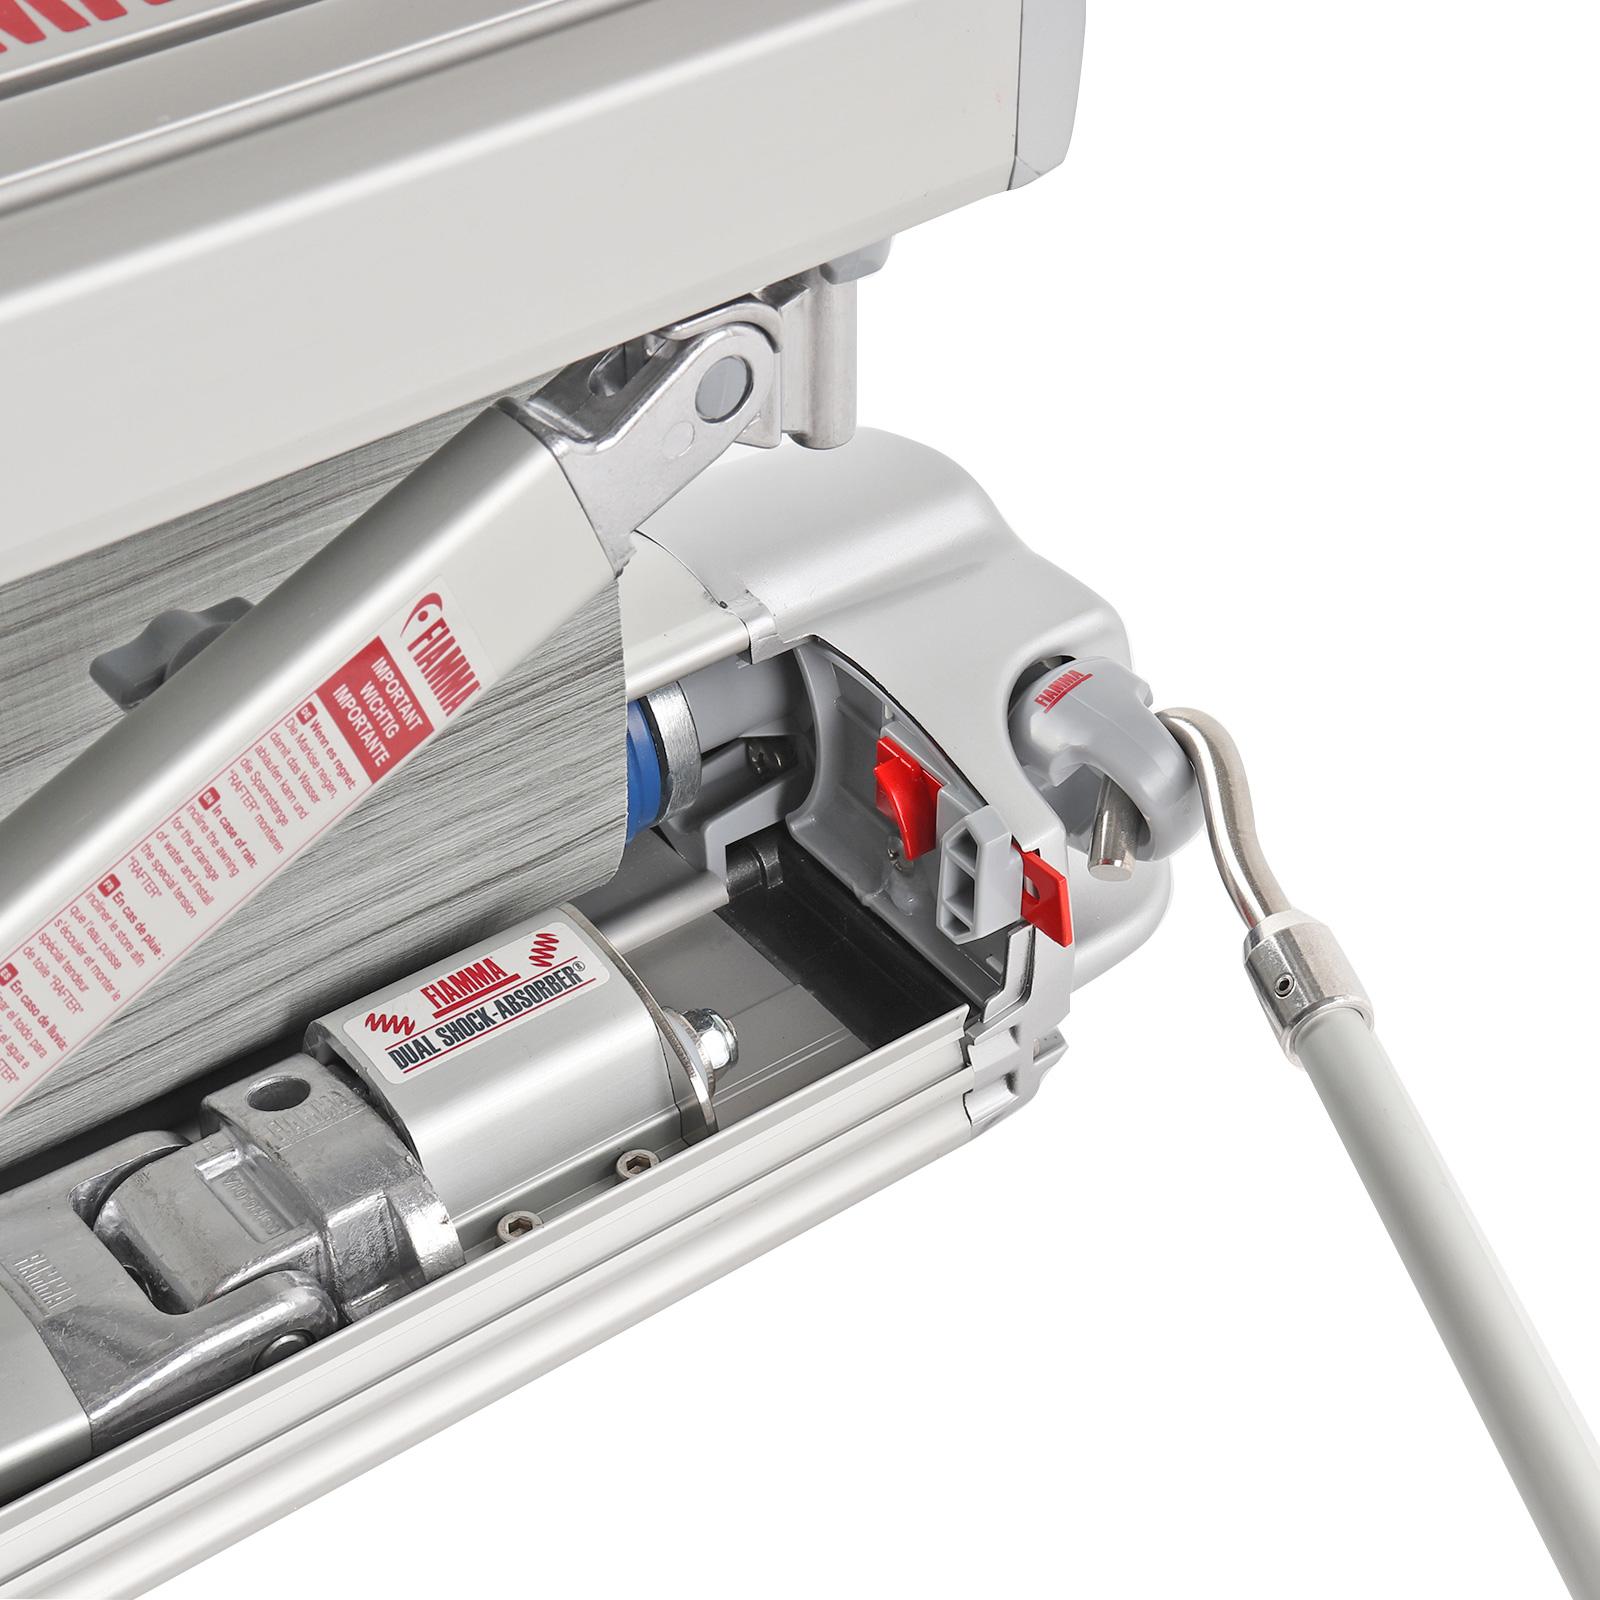 elegant im Stil Neue Produkte heiß-verkauf echt Details zu Fiamma F45 S Markise Titanium 260cm, Tuch royal grey + Sikaflex  221 + Tiedown